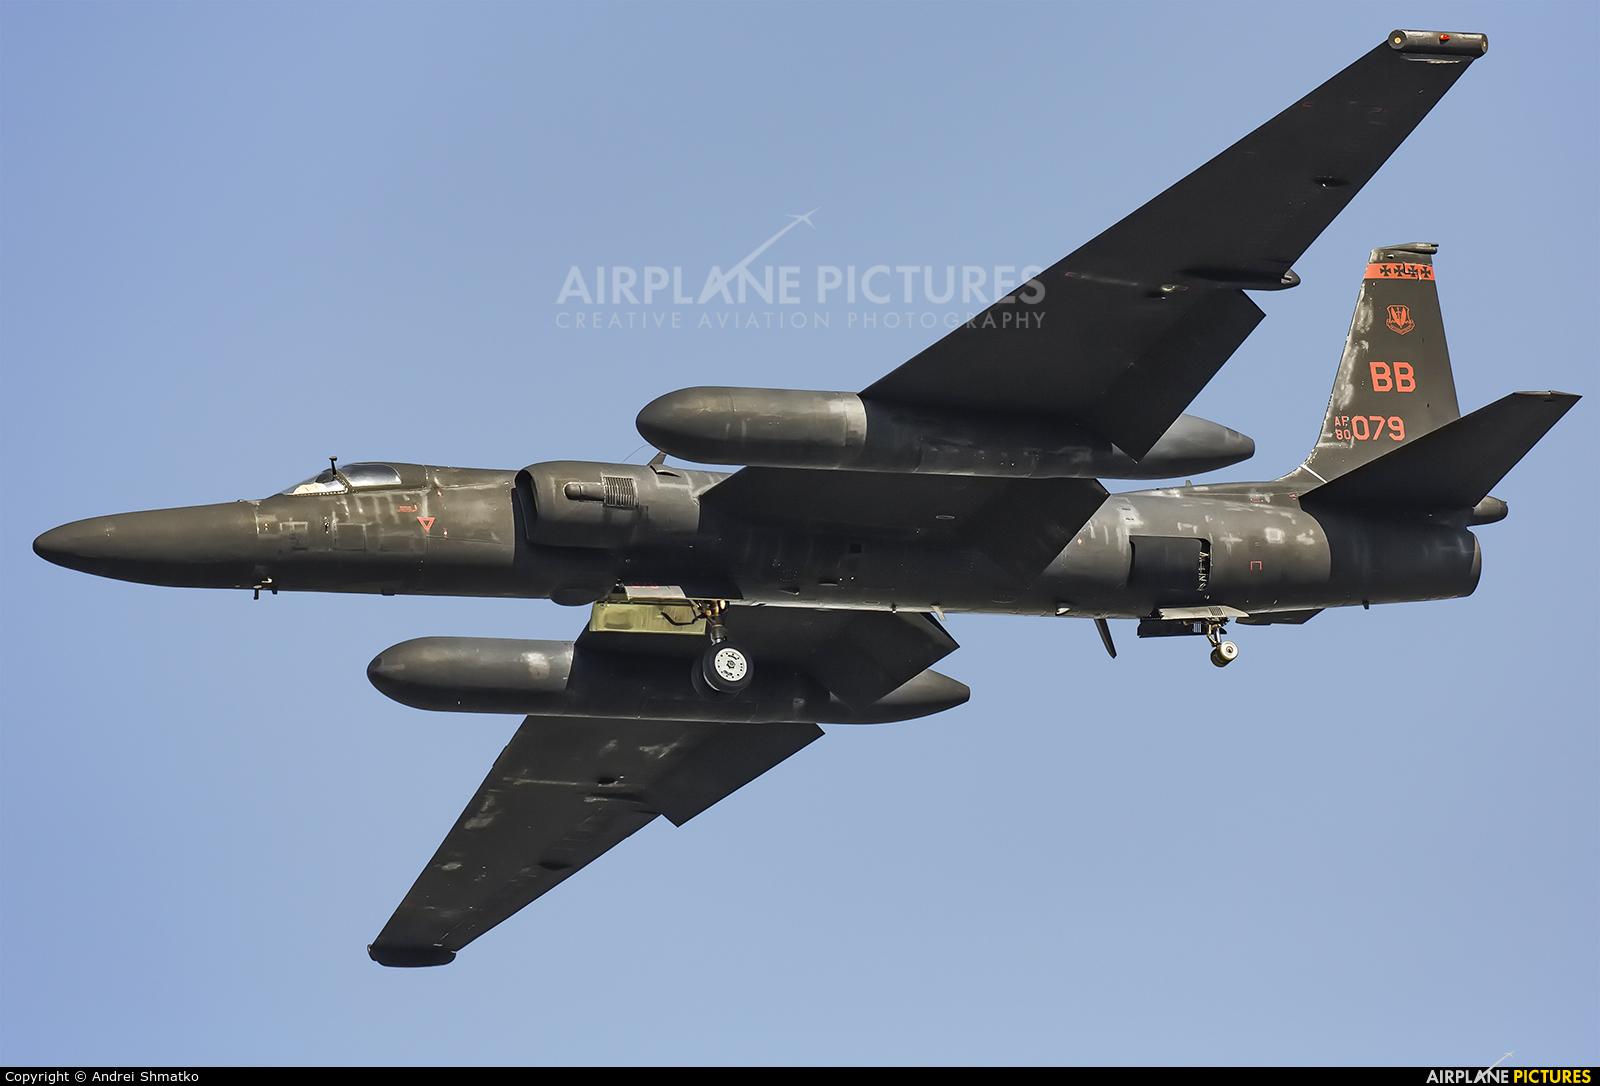 USA - Air Force 80-1079 aircraft at Osan AB